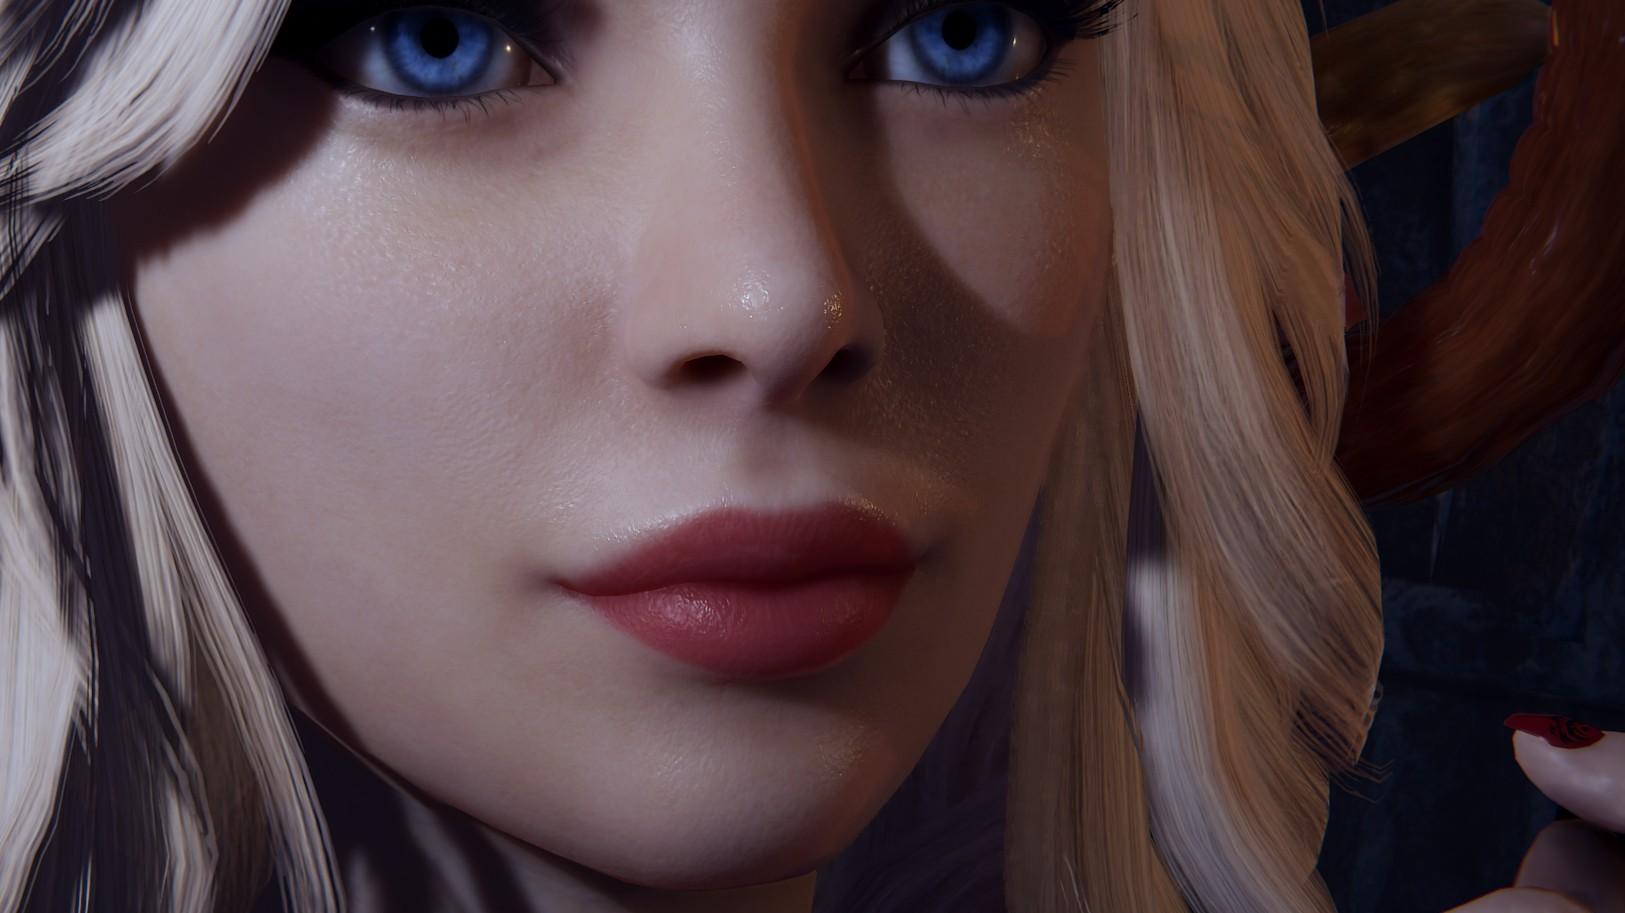 Демонстрация обновлённой текстуры кожи суккубов в She Will Punish Them